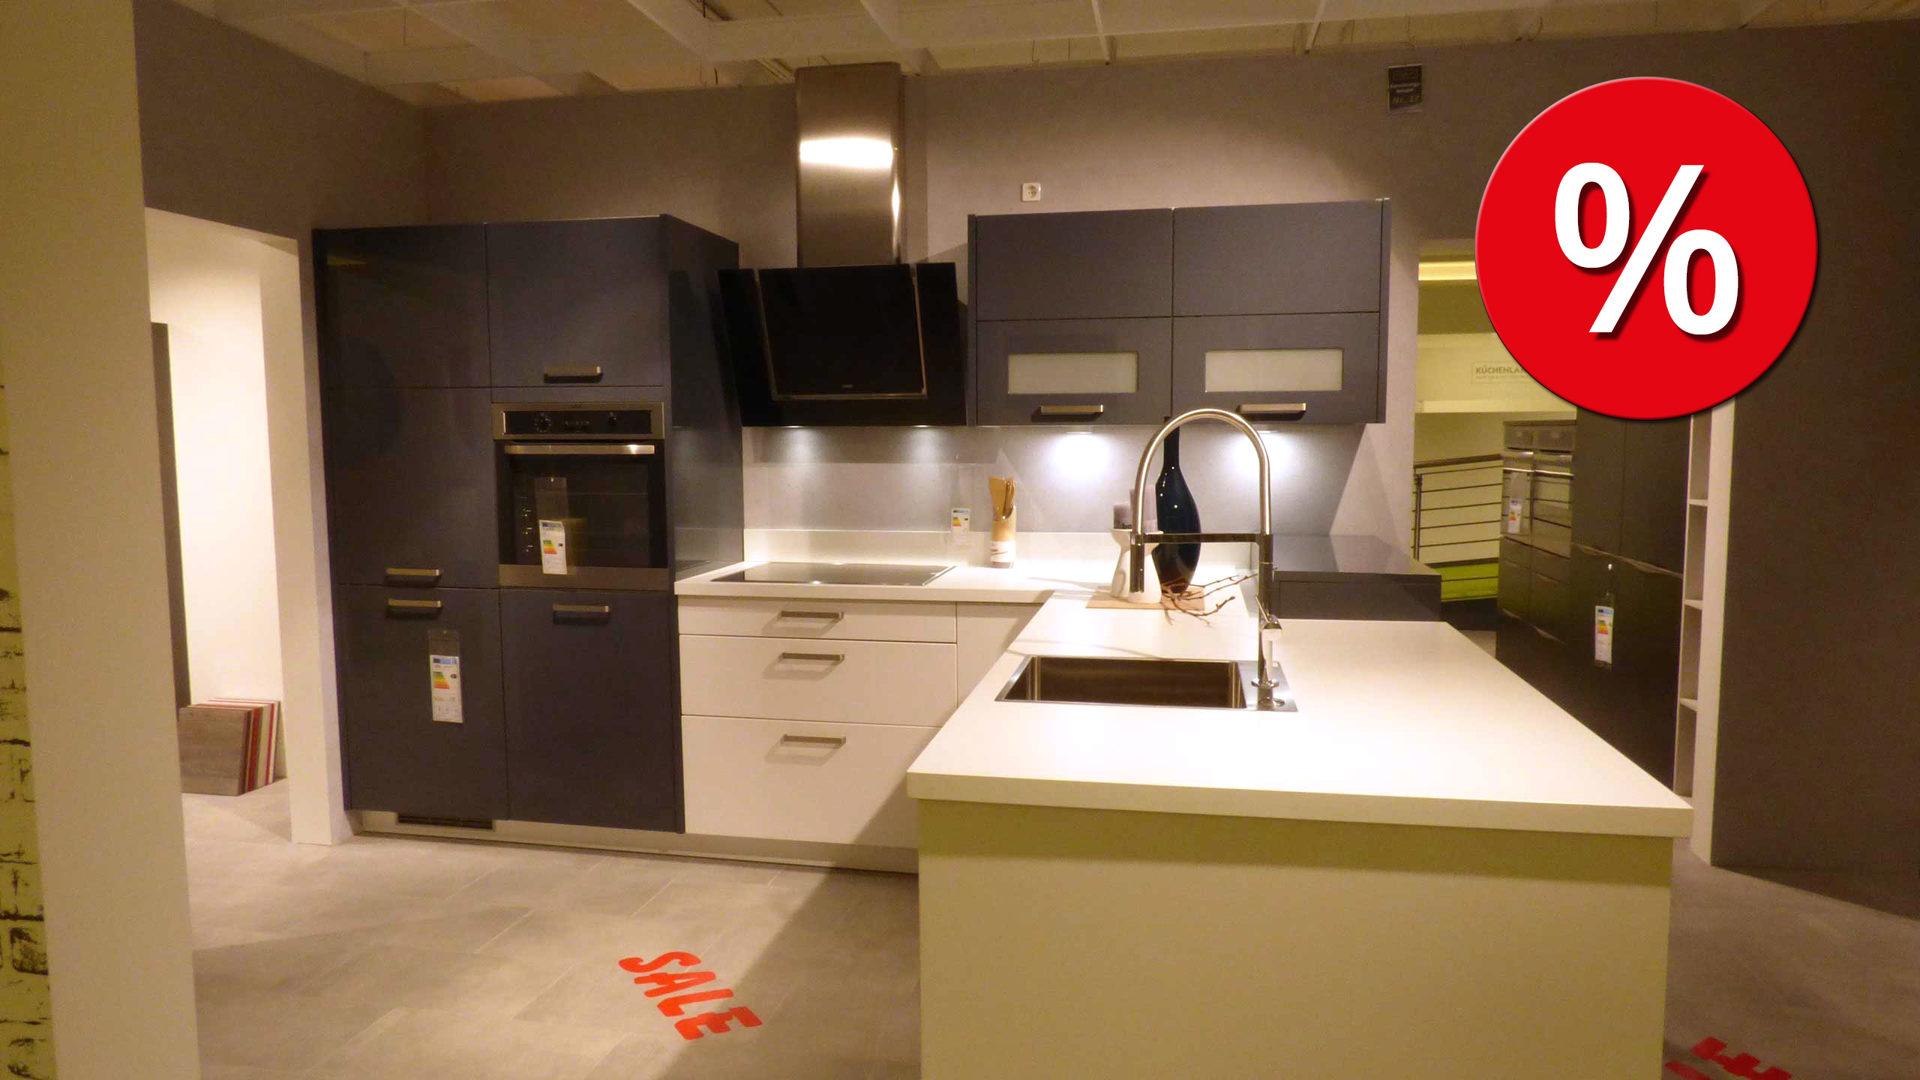 Aeg Kühlschrank Produktnummer : Culineo küche c einbauküche inkl aeg e geräte und designer box